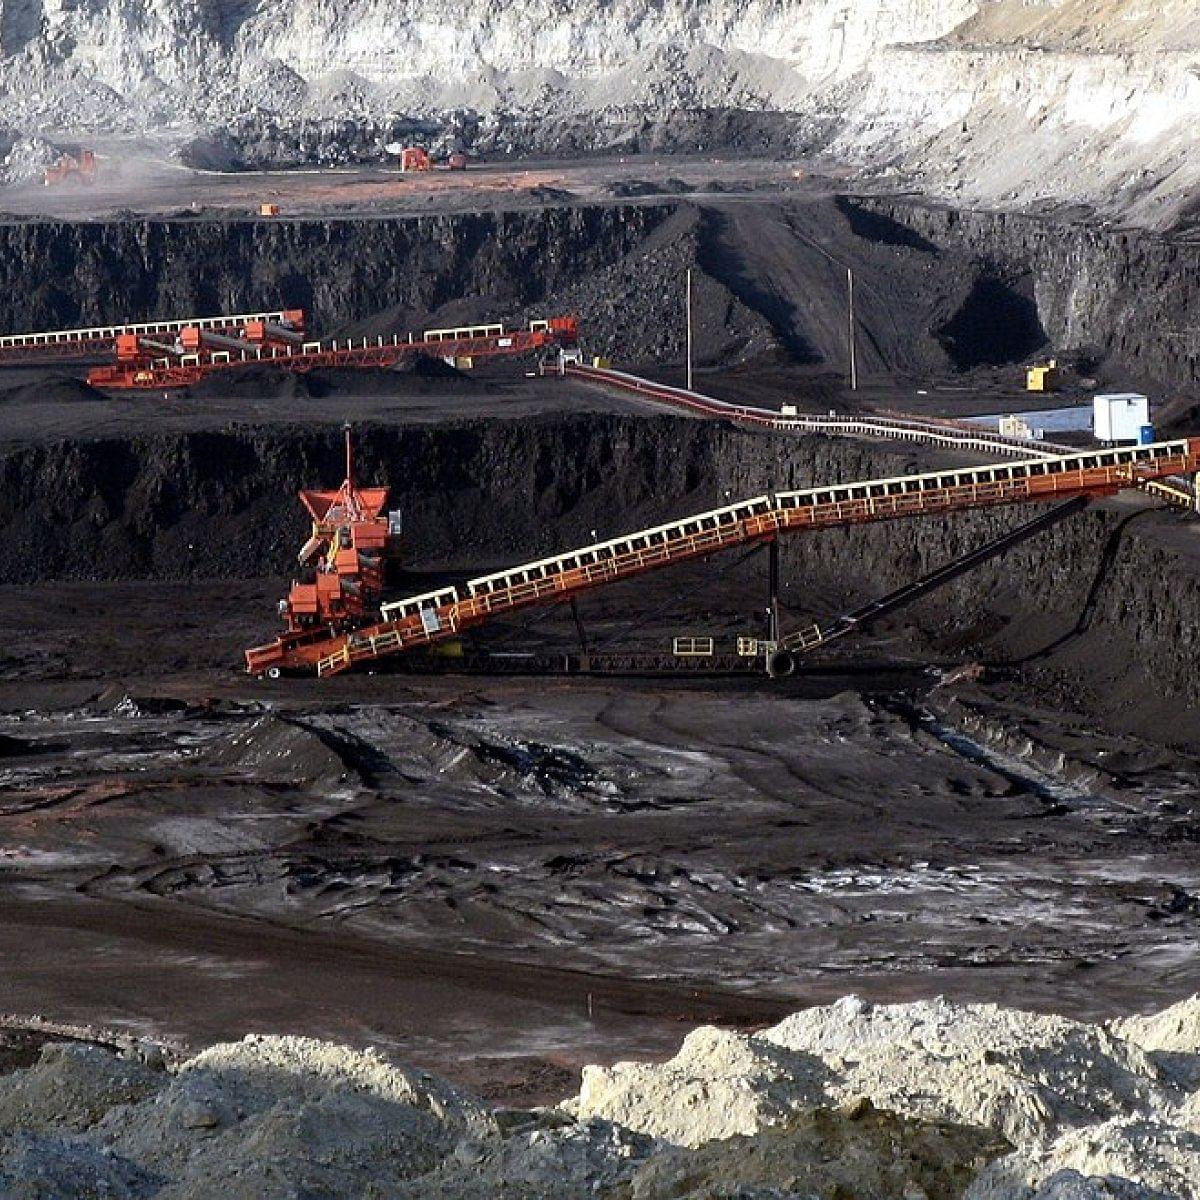 Mahagenco Coal Mine